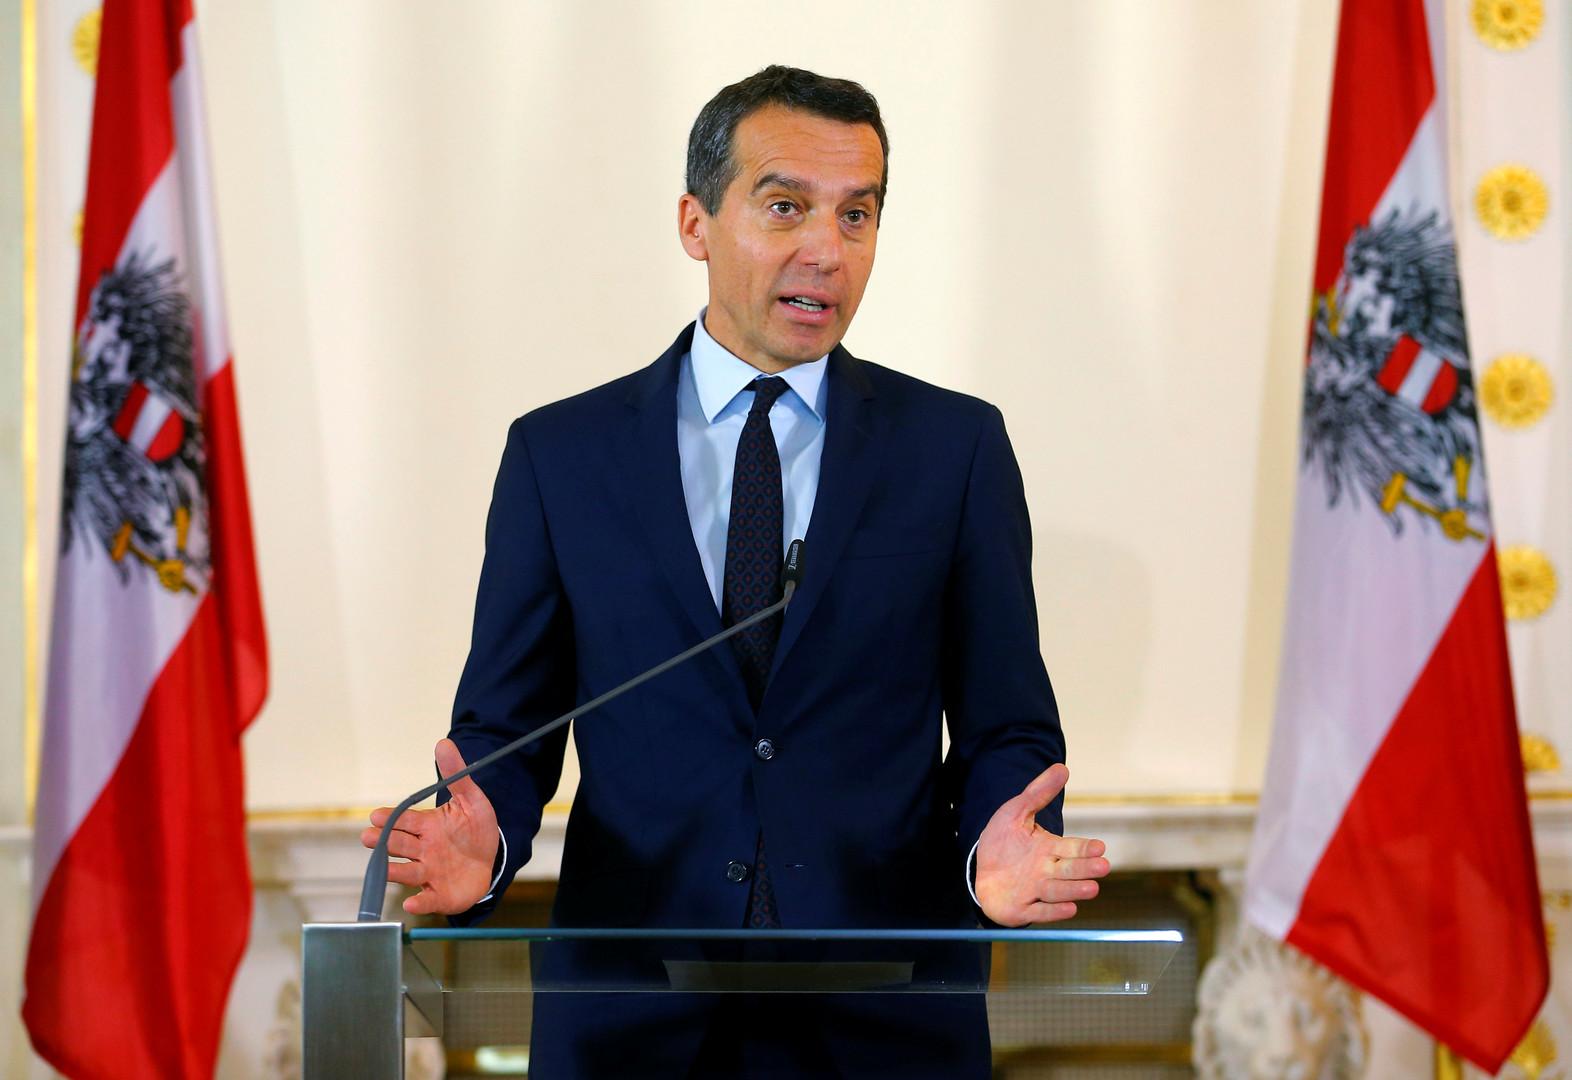 Канцлер Австрии назвал переговоры с Турцией о вступлении в ЕС «дипломатической фикцией»